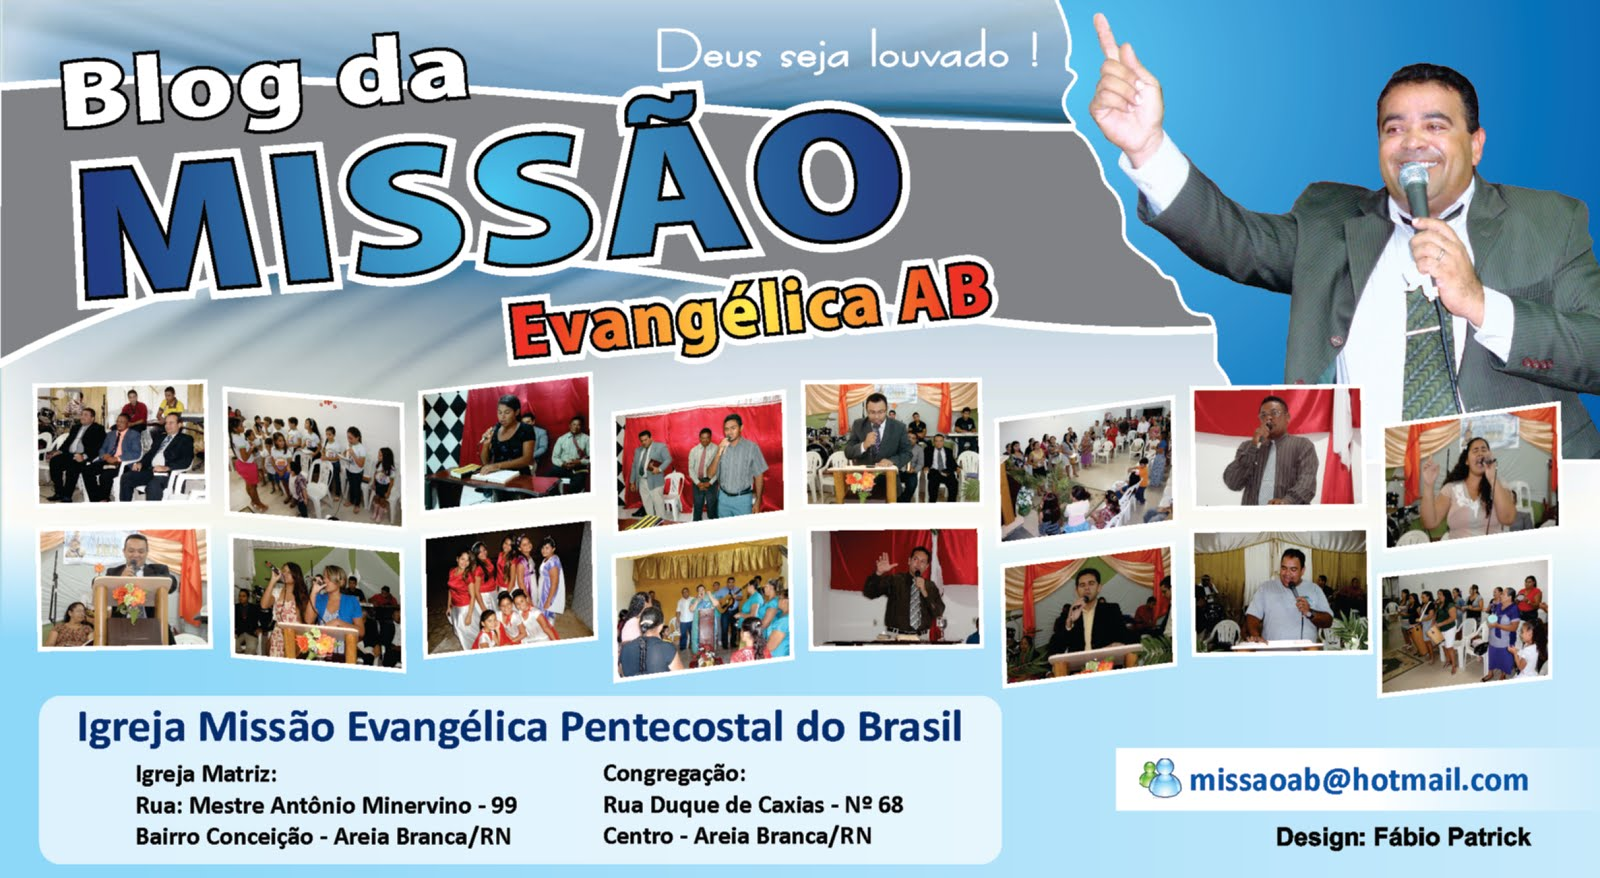 Blog da MISSÃO EVANGÉLICA